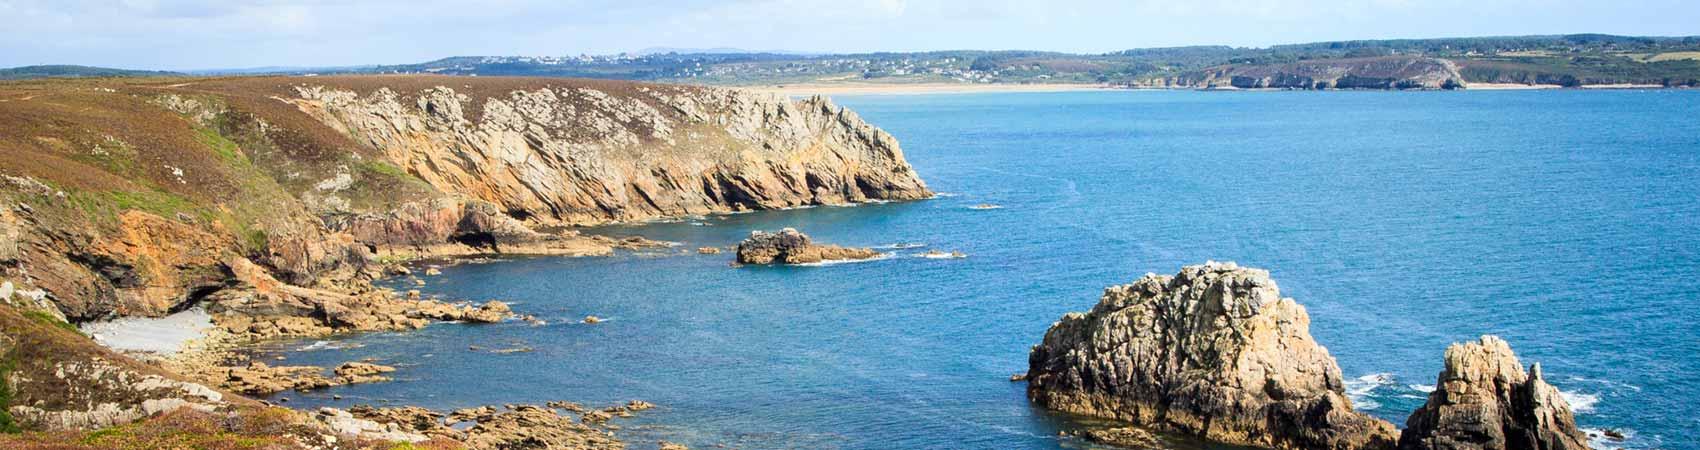 Vacances Finistère, A découvrir pendant les vacances dans le Finistère